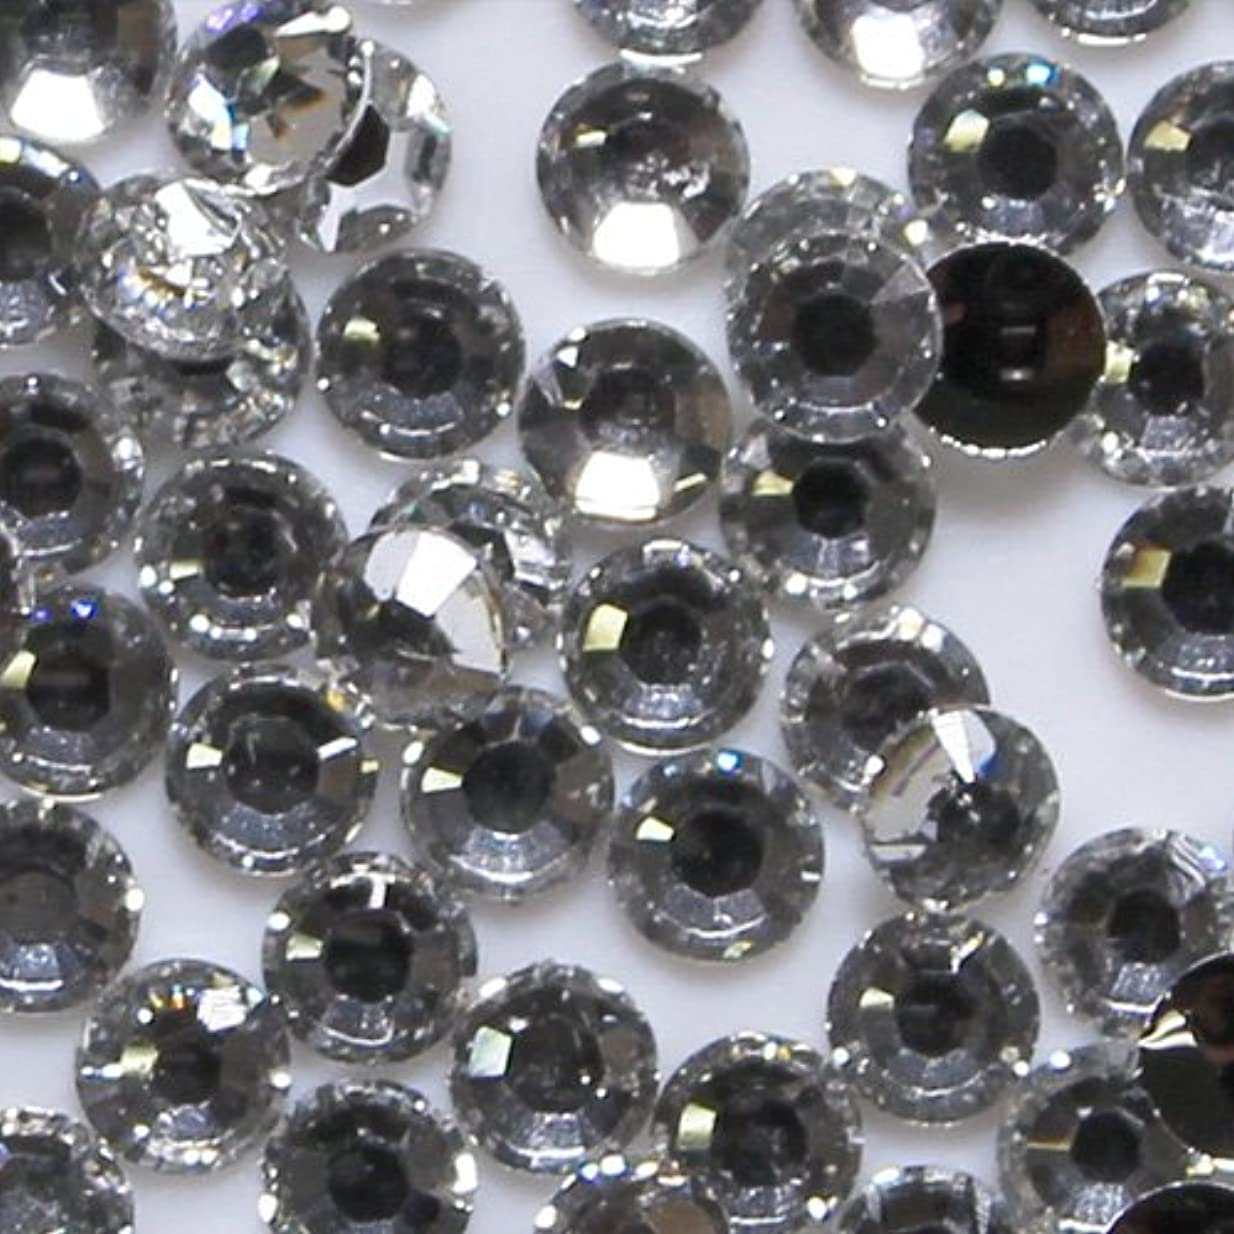 胚日食ピアニスト高品質 アクリルストーン ラインストーン ラウンドフラット 約1000粒入り 2mm ダイヤモンド